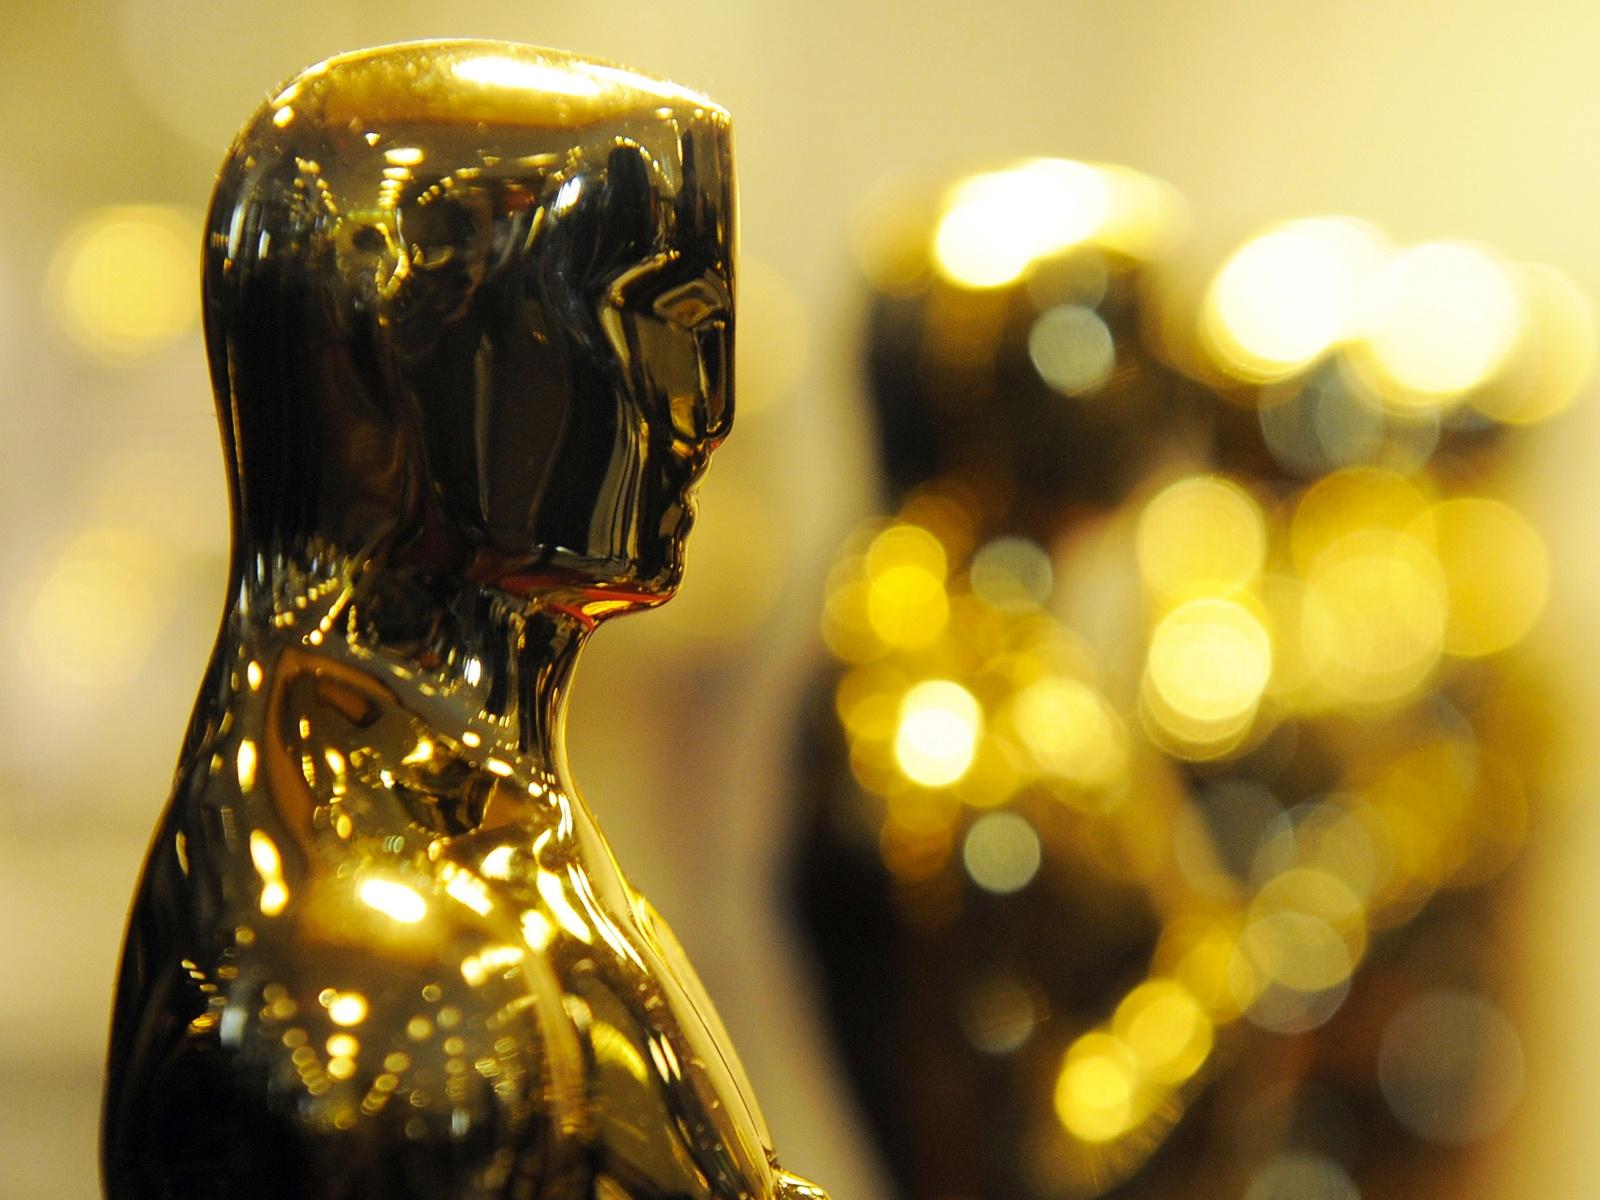 Oscars348049657 - Oscars - Oscars, Alien